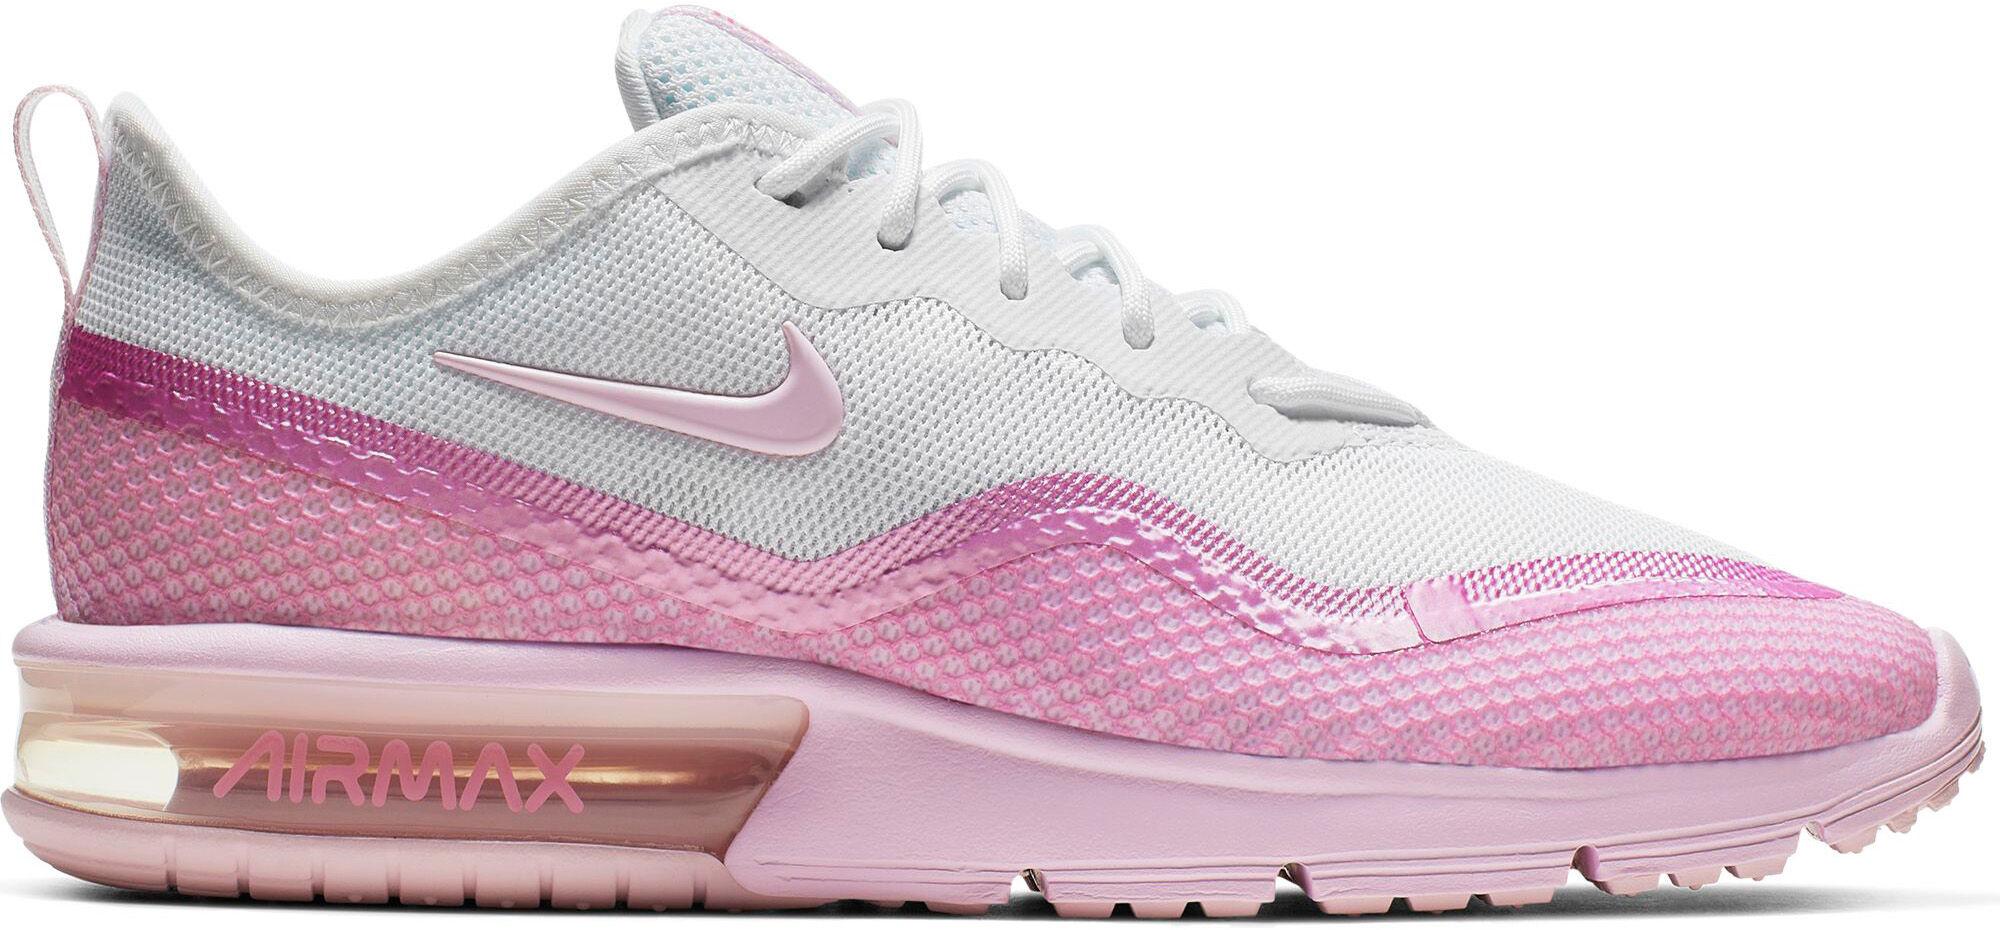 Pied Chaussures Intersport De Nike Tdshrq Course Femme À Pas Cher qMSzVUpG